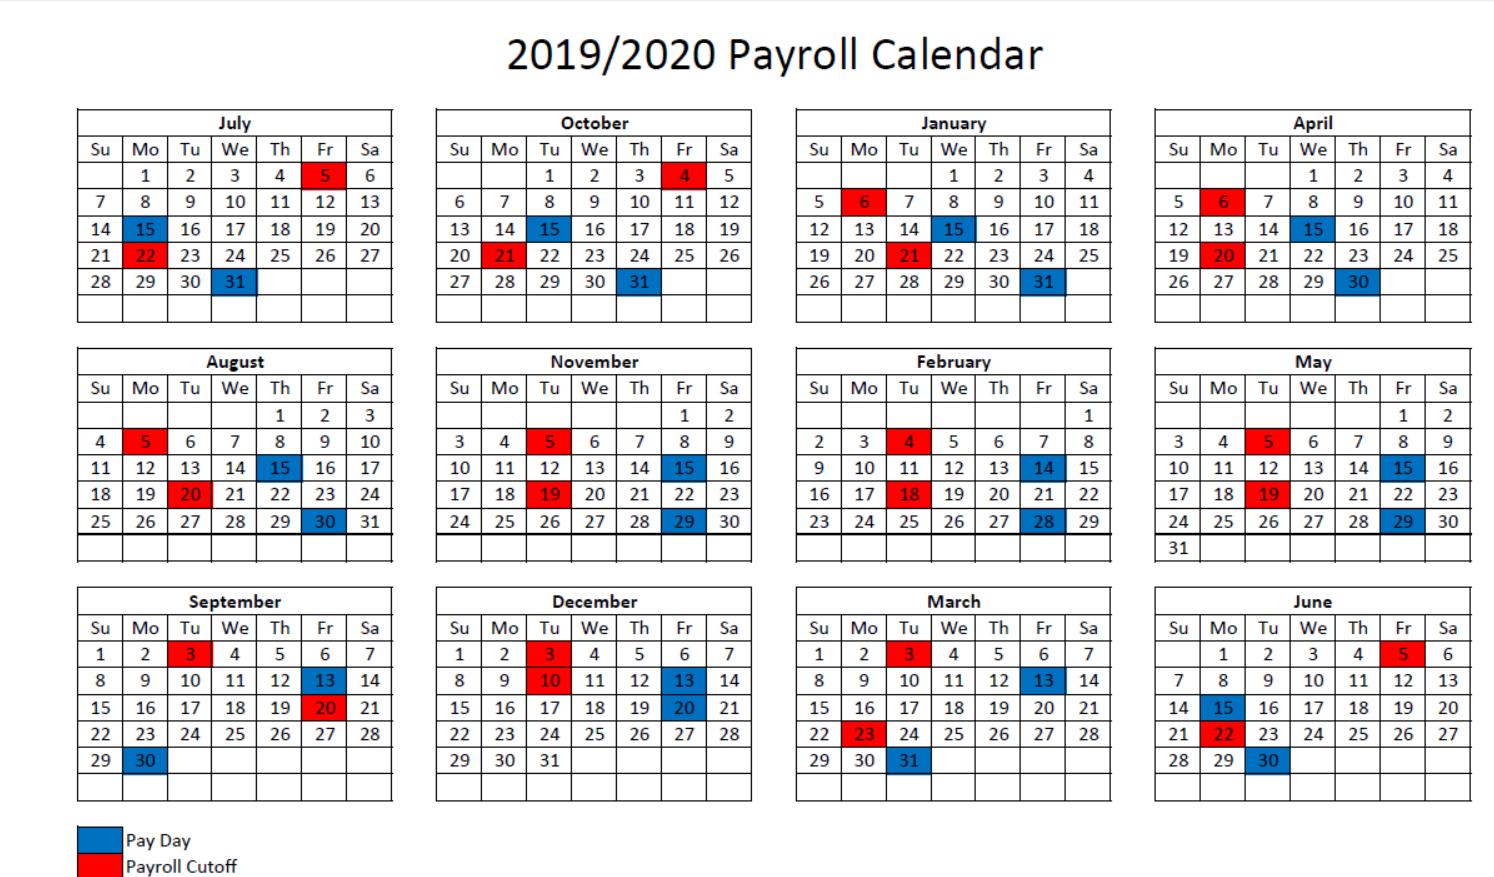 2019-2020 Payroll Calendar - Maury County Public Schools